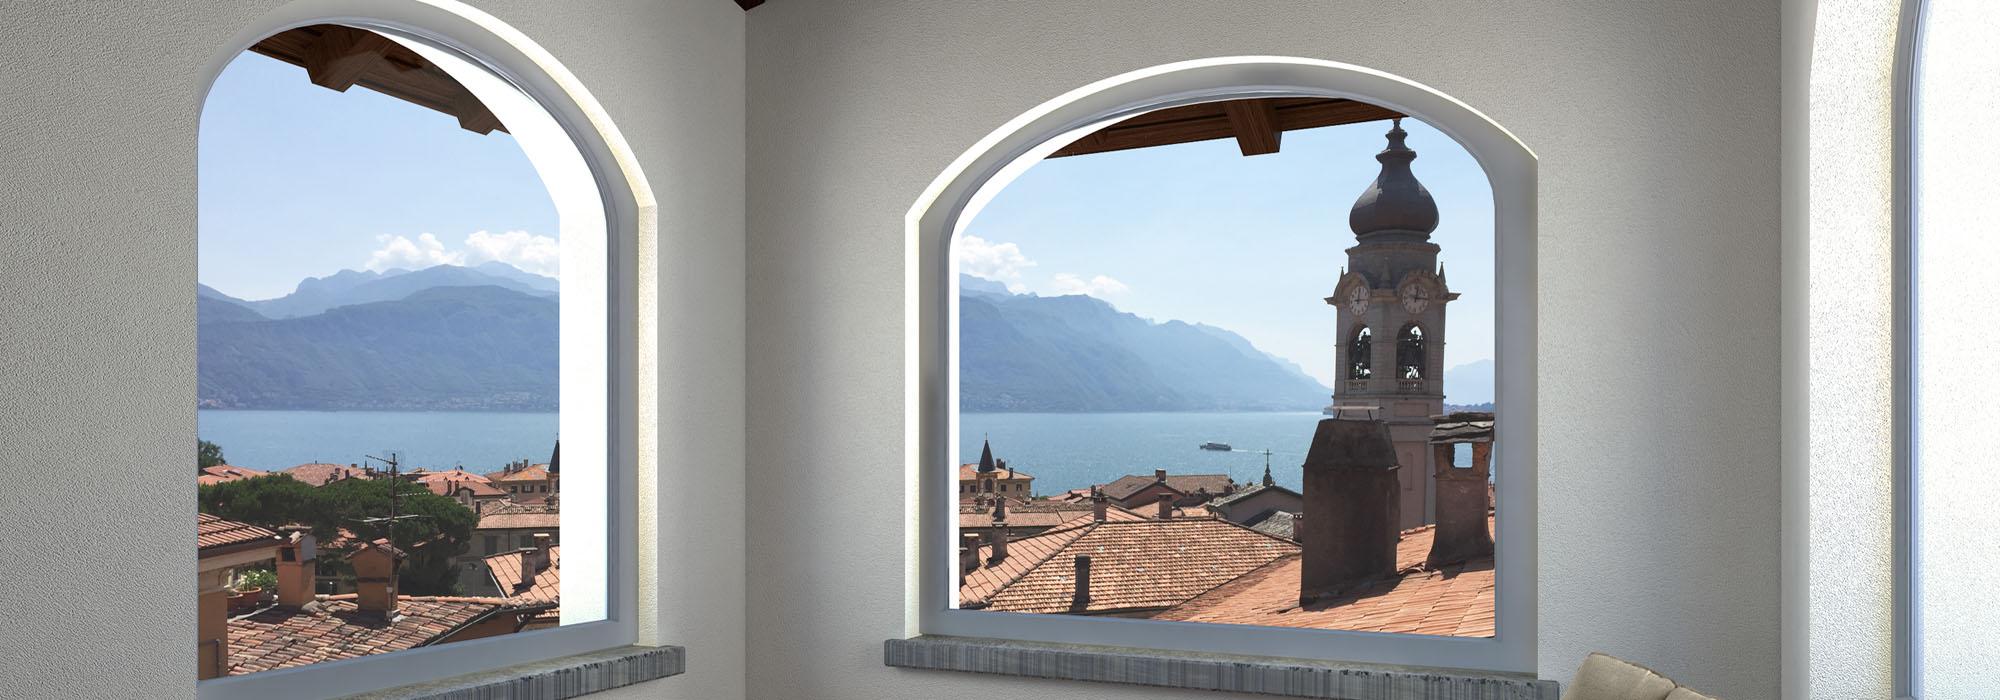 Neue moderne Wohnungen in Villa in Menaggio